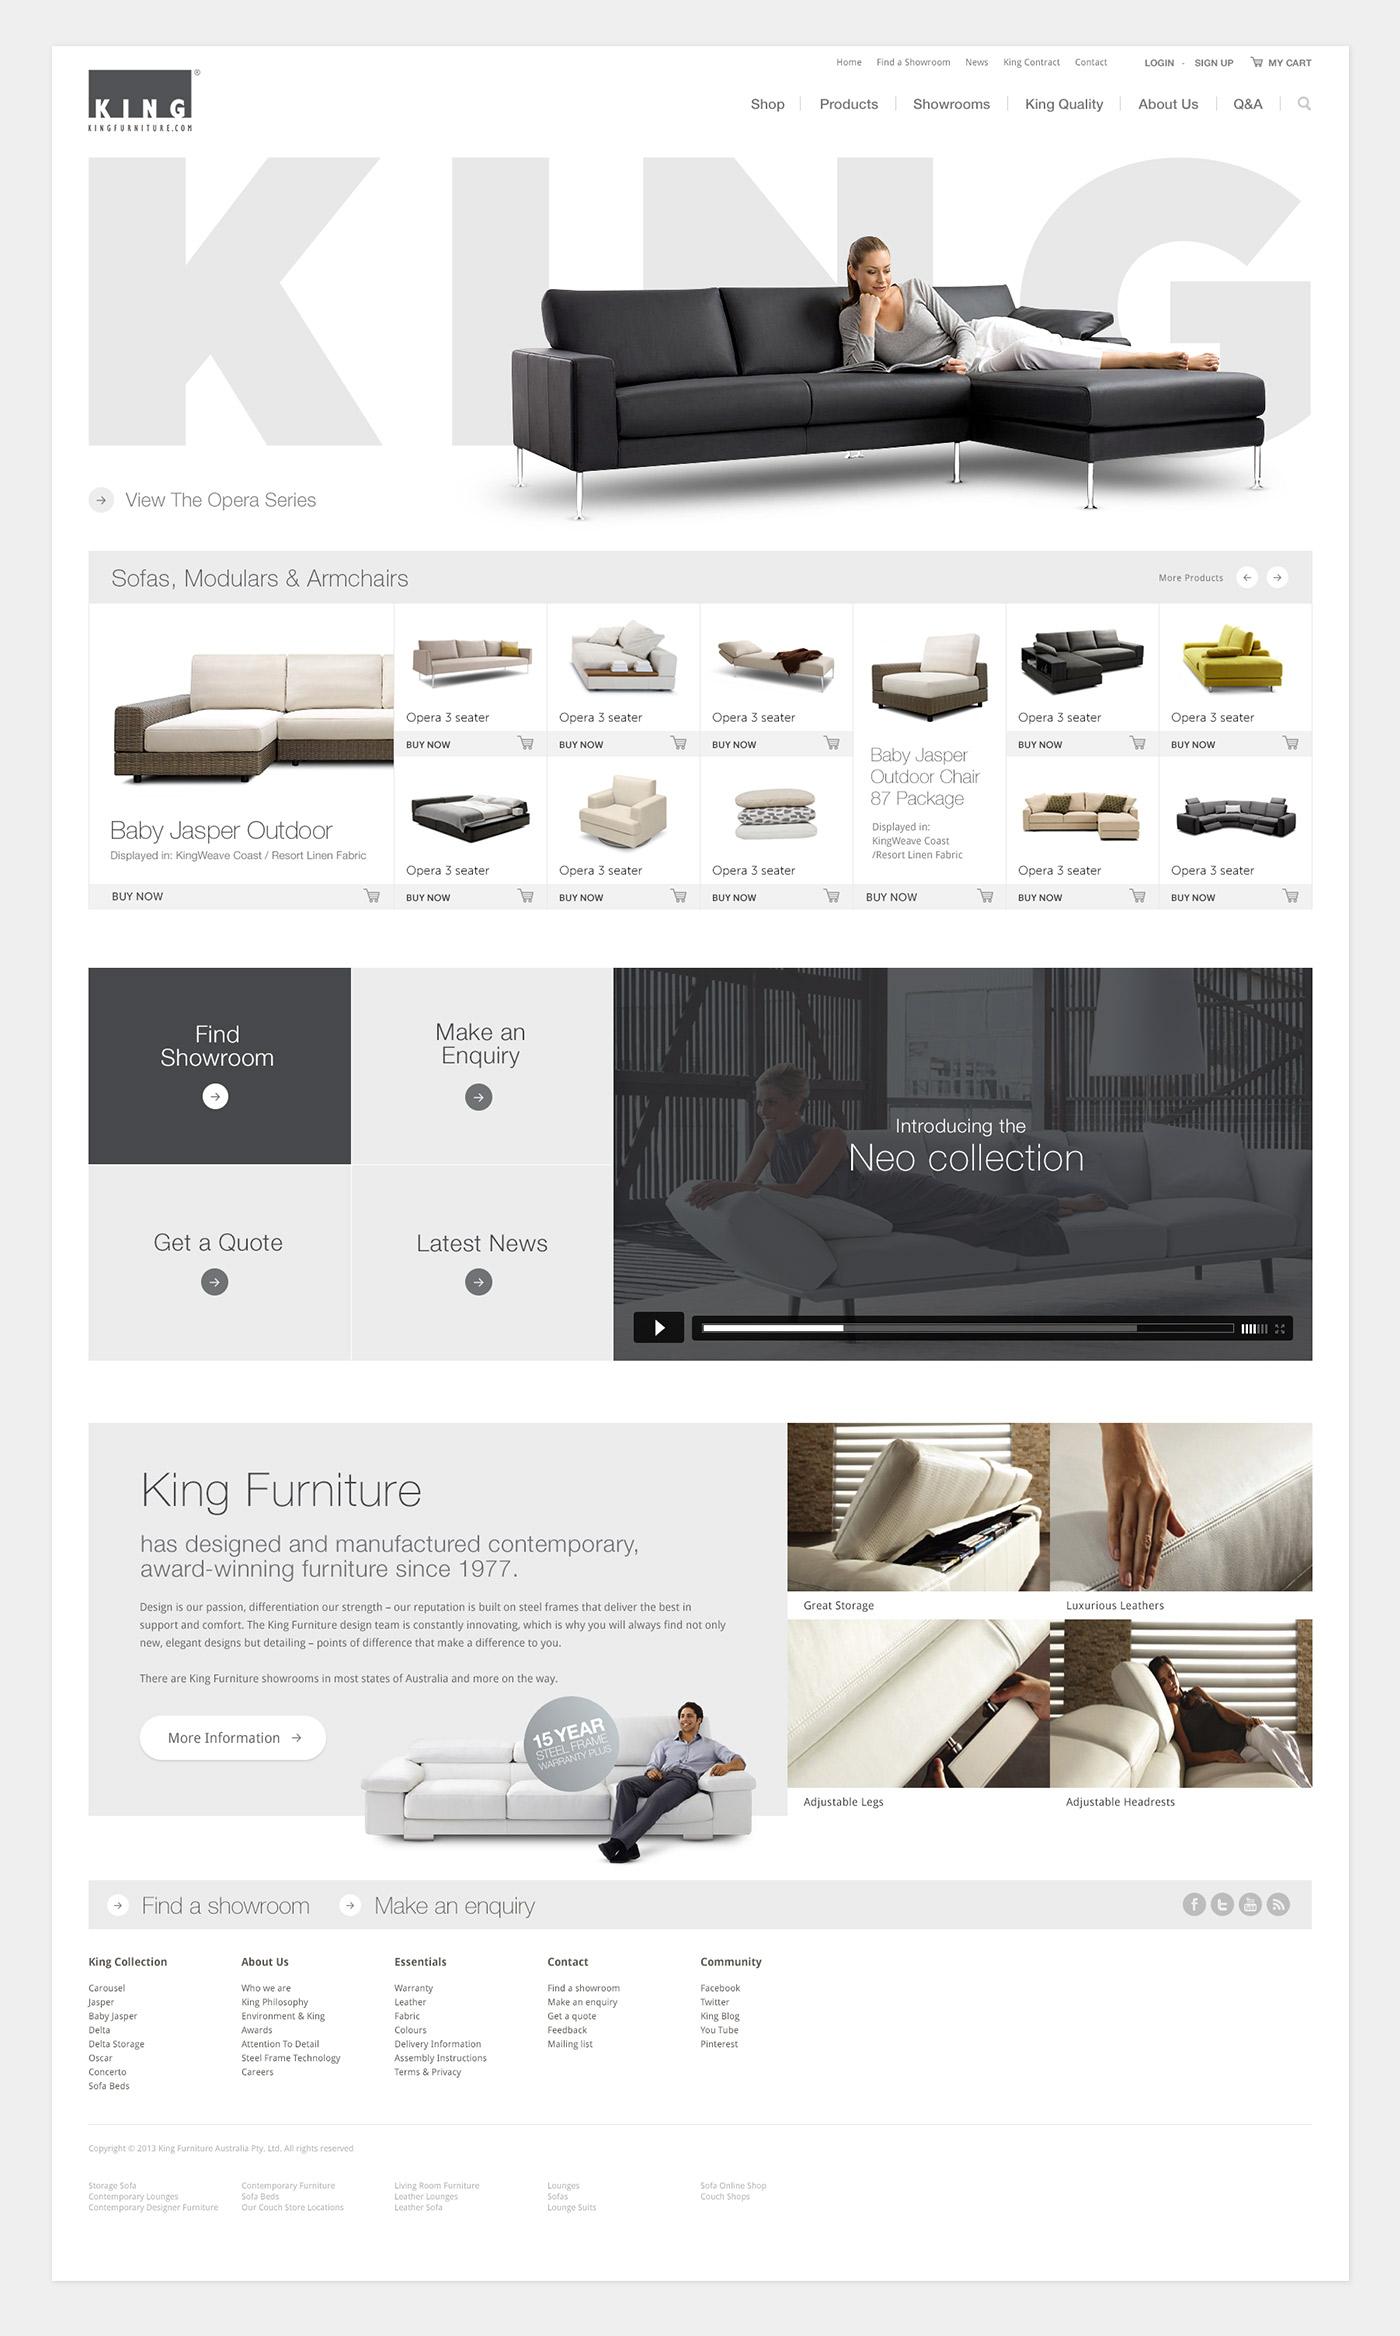 king-furniture-blog-12